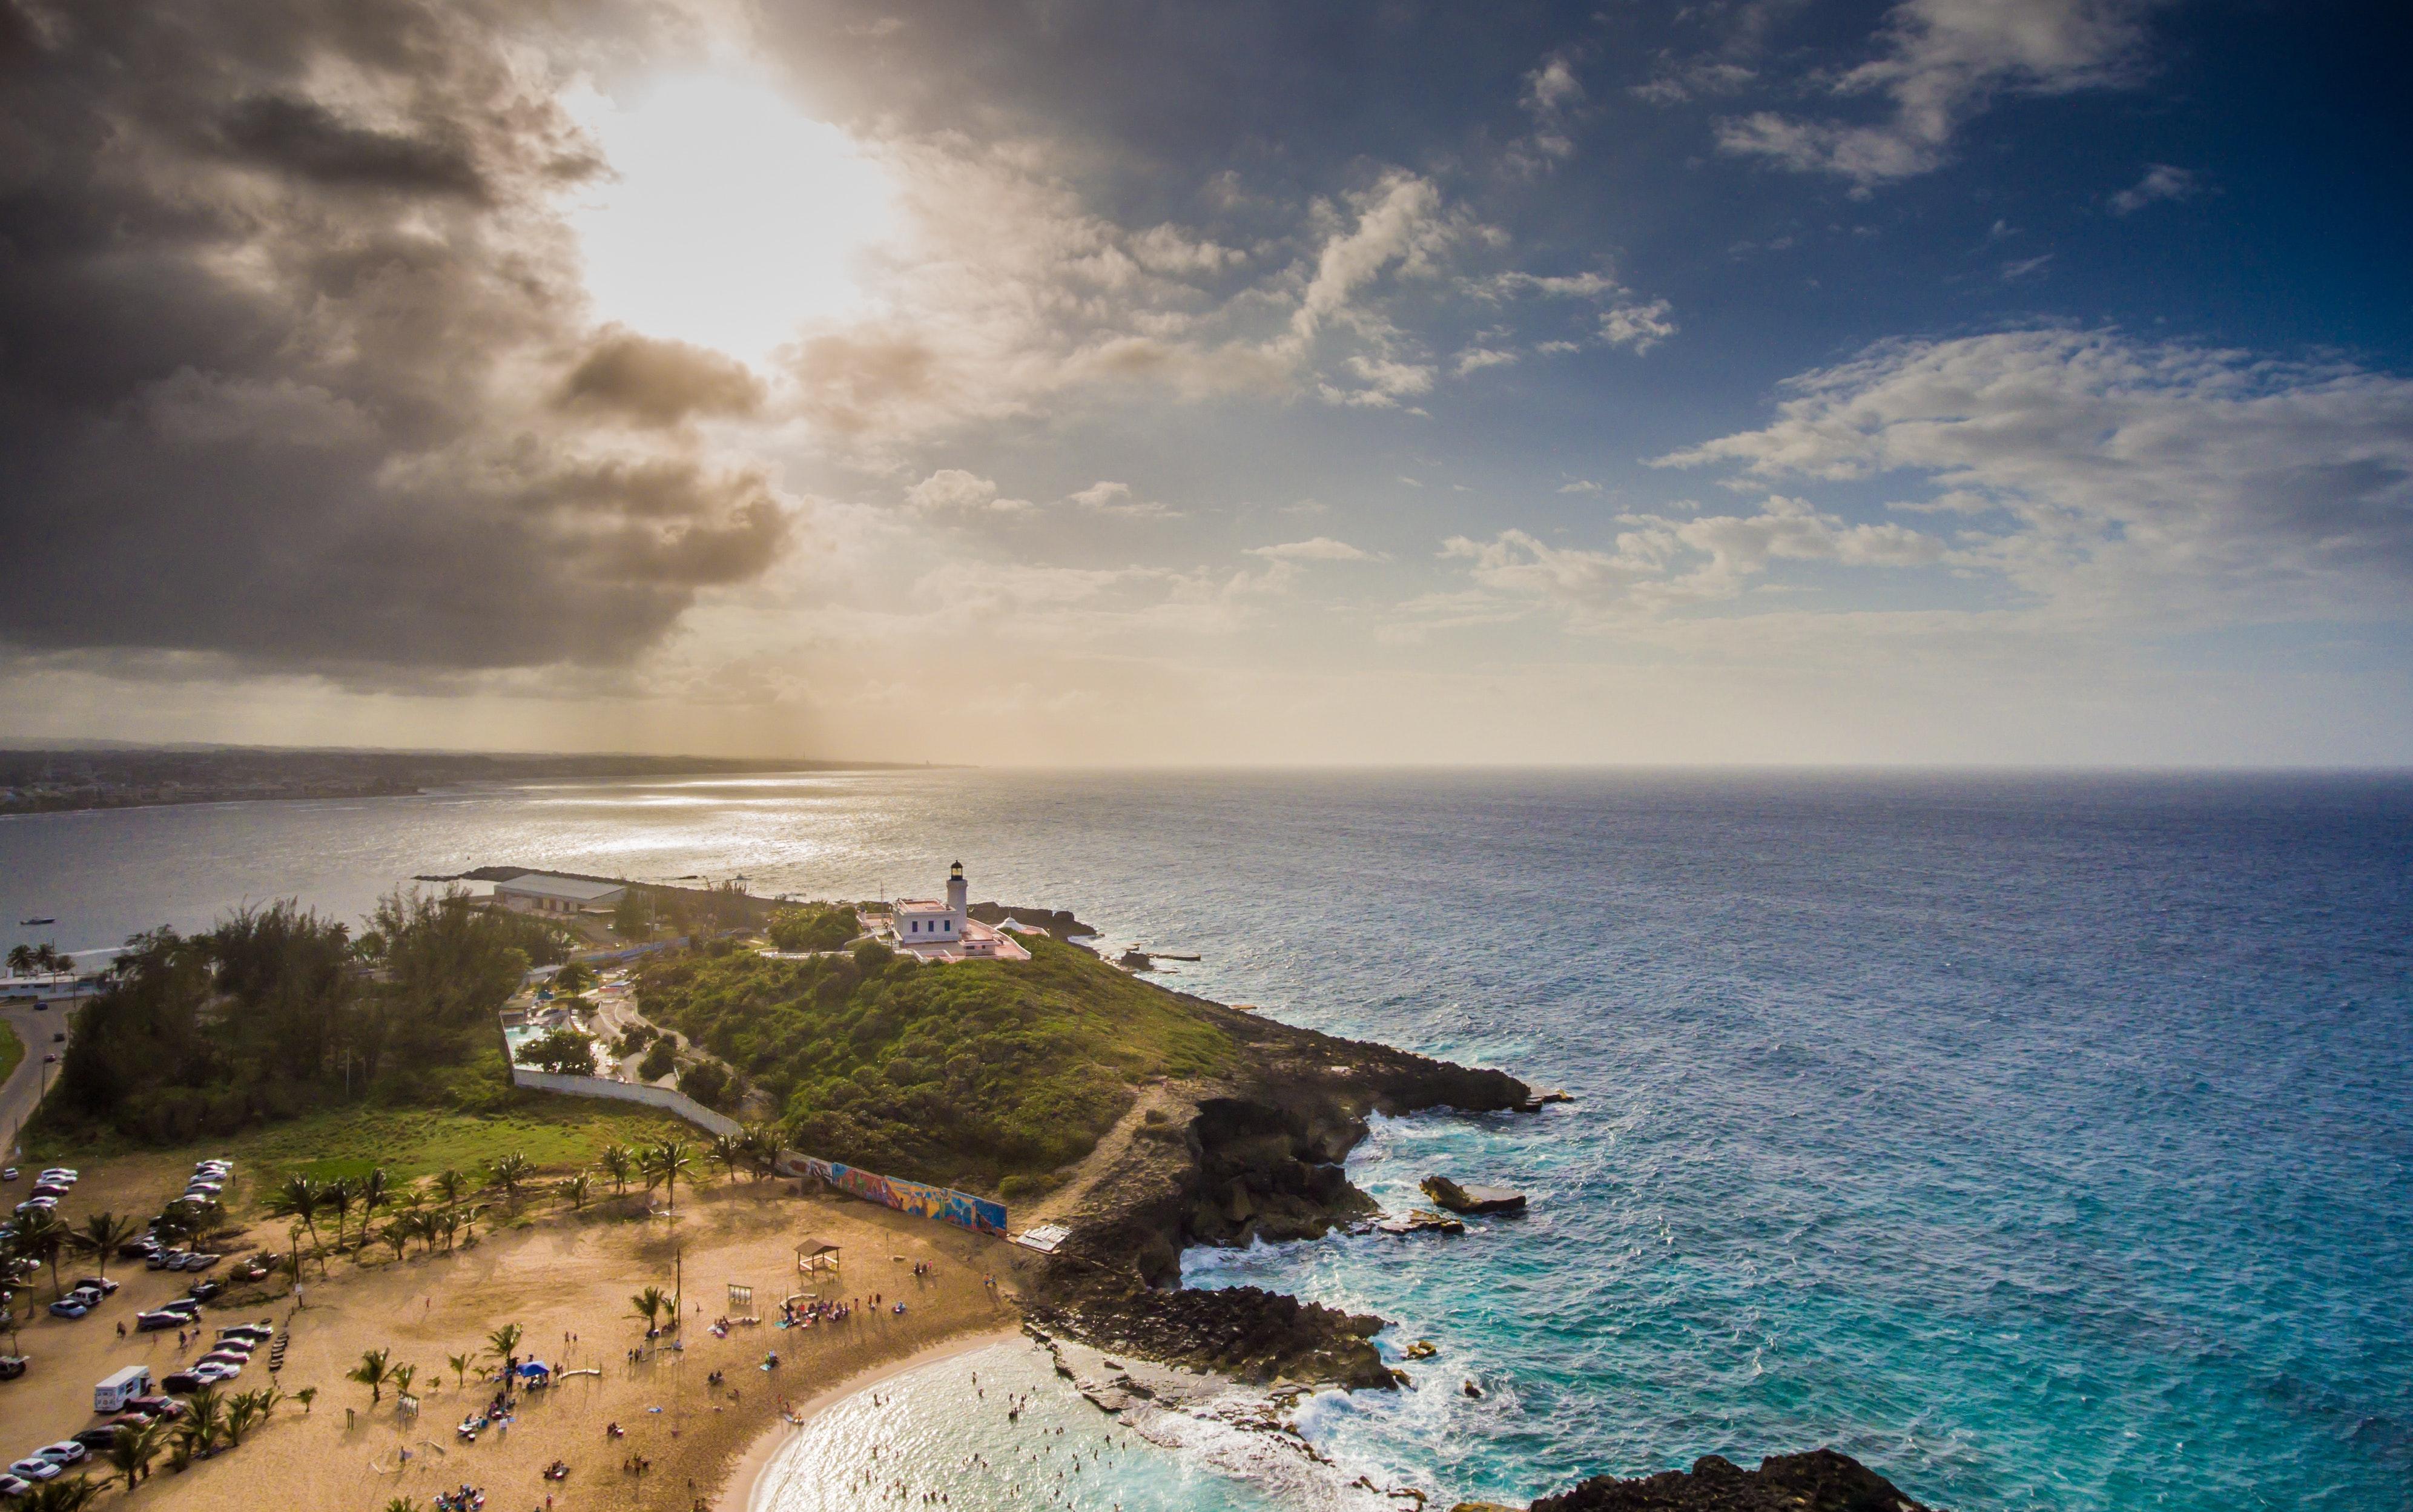 Playas de Puerto Rico